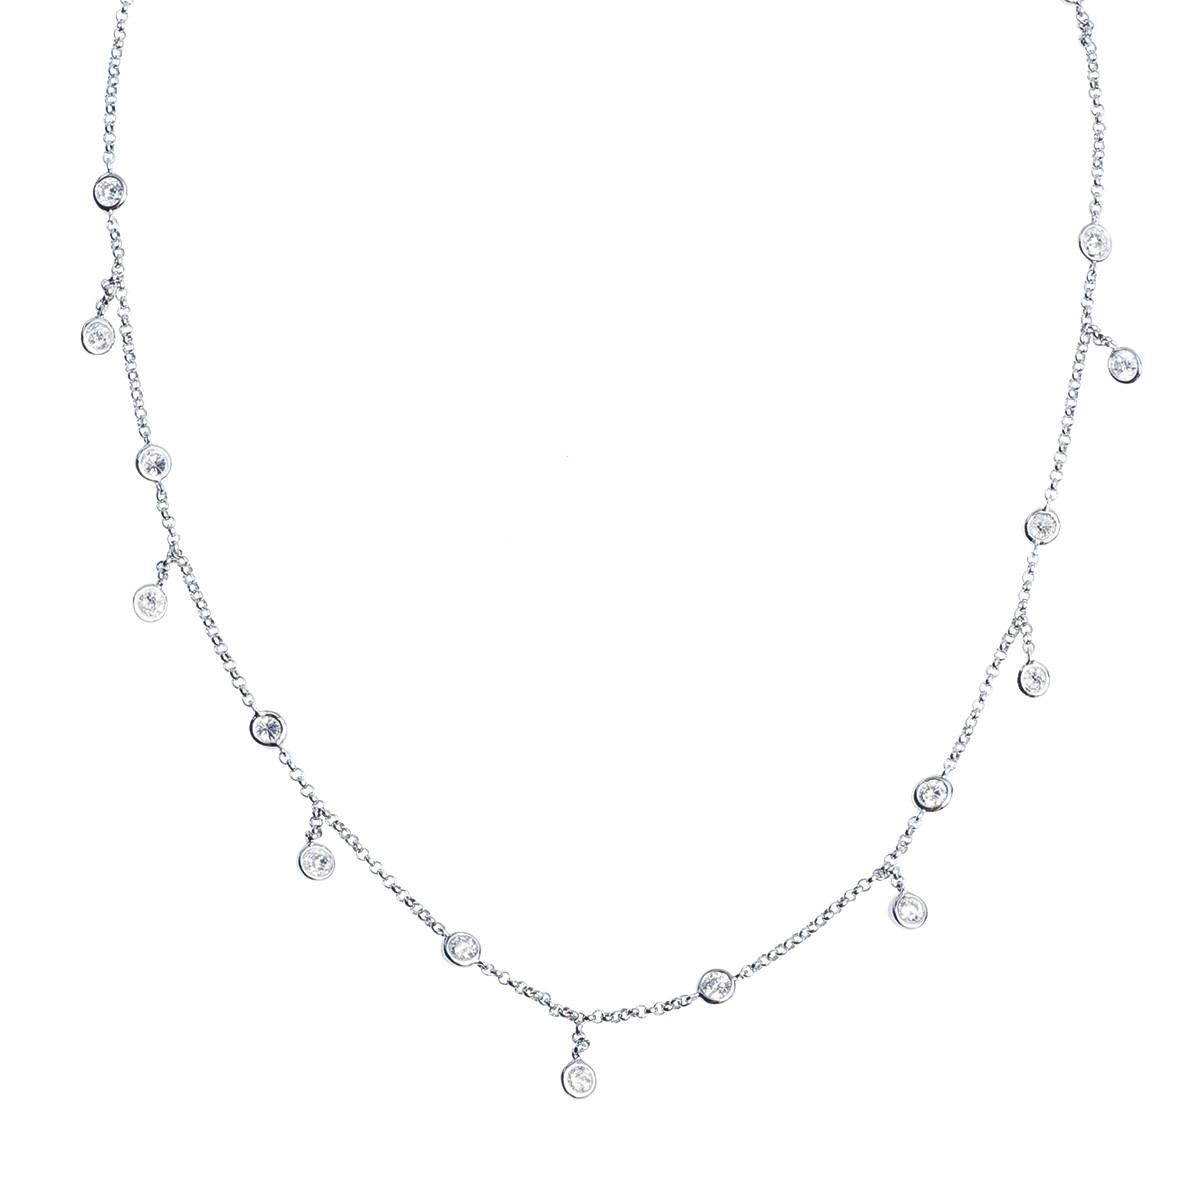 New 1.74 CTW Diamond Necklace